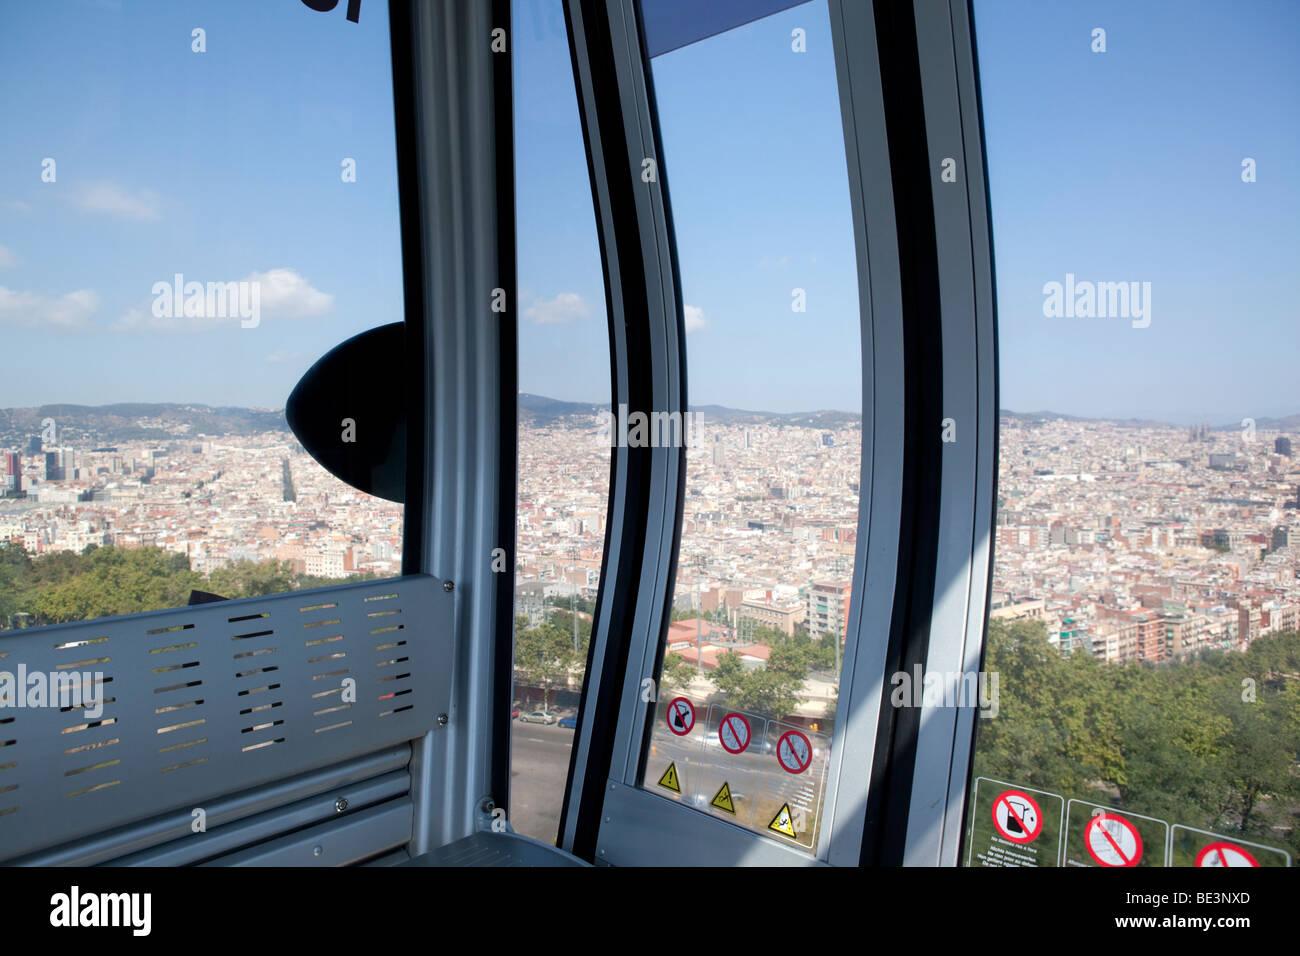 Teleferic de Montjuic, Barcelona (Spain) - Stock Image